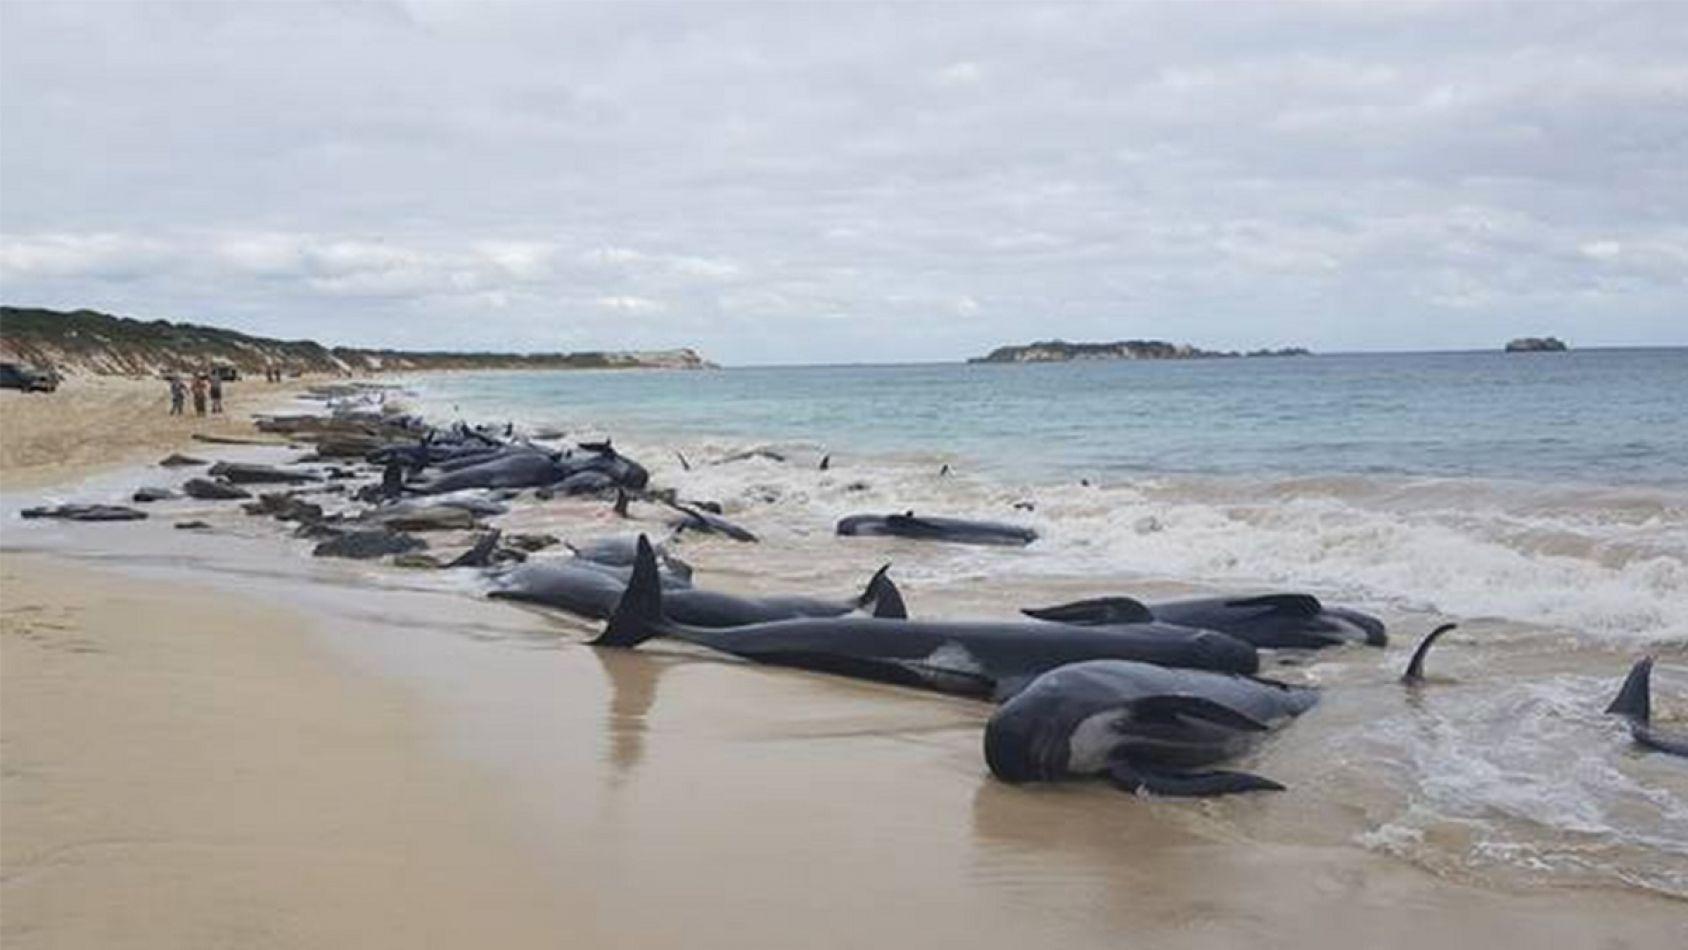 Imágenes satelitales permitirán identificar ballenas varadas